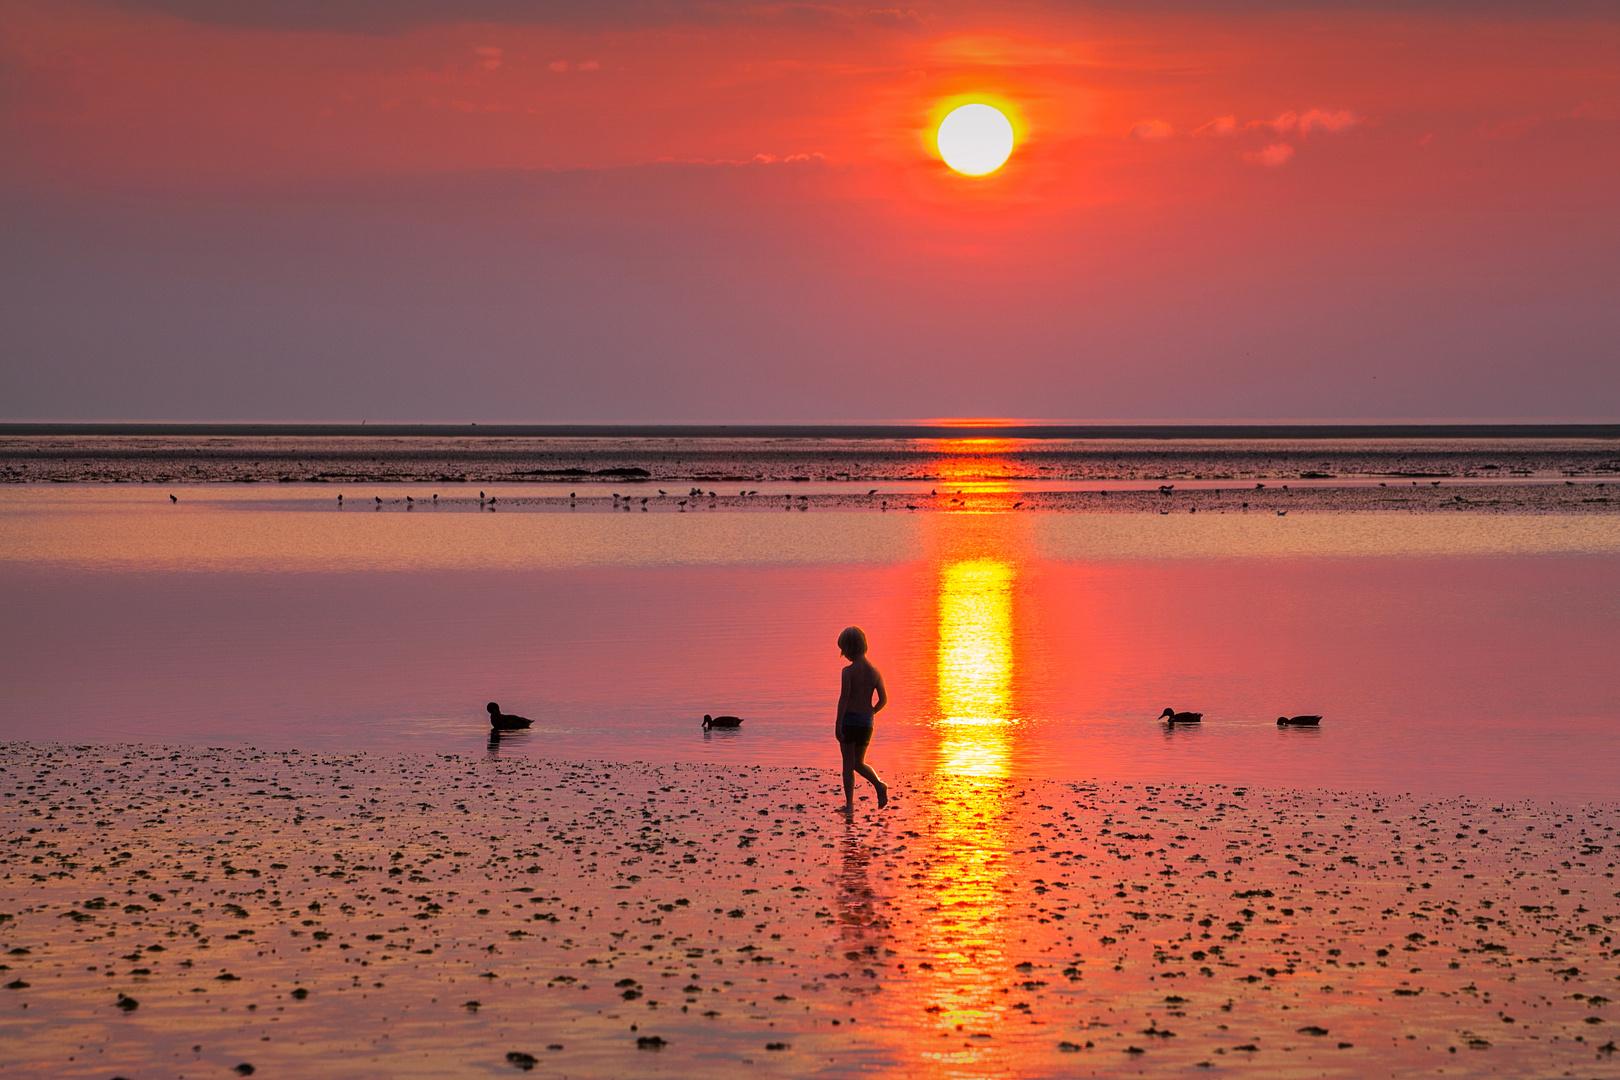 Am Strand meiner Träume